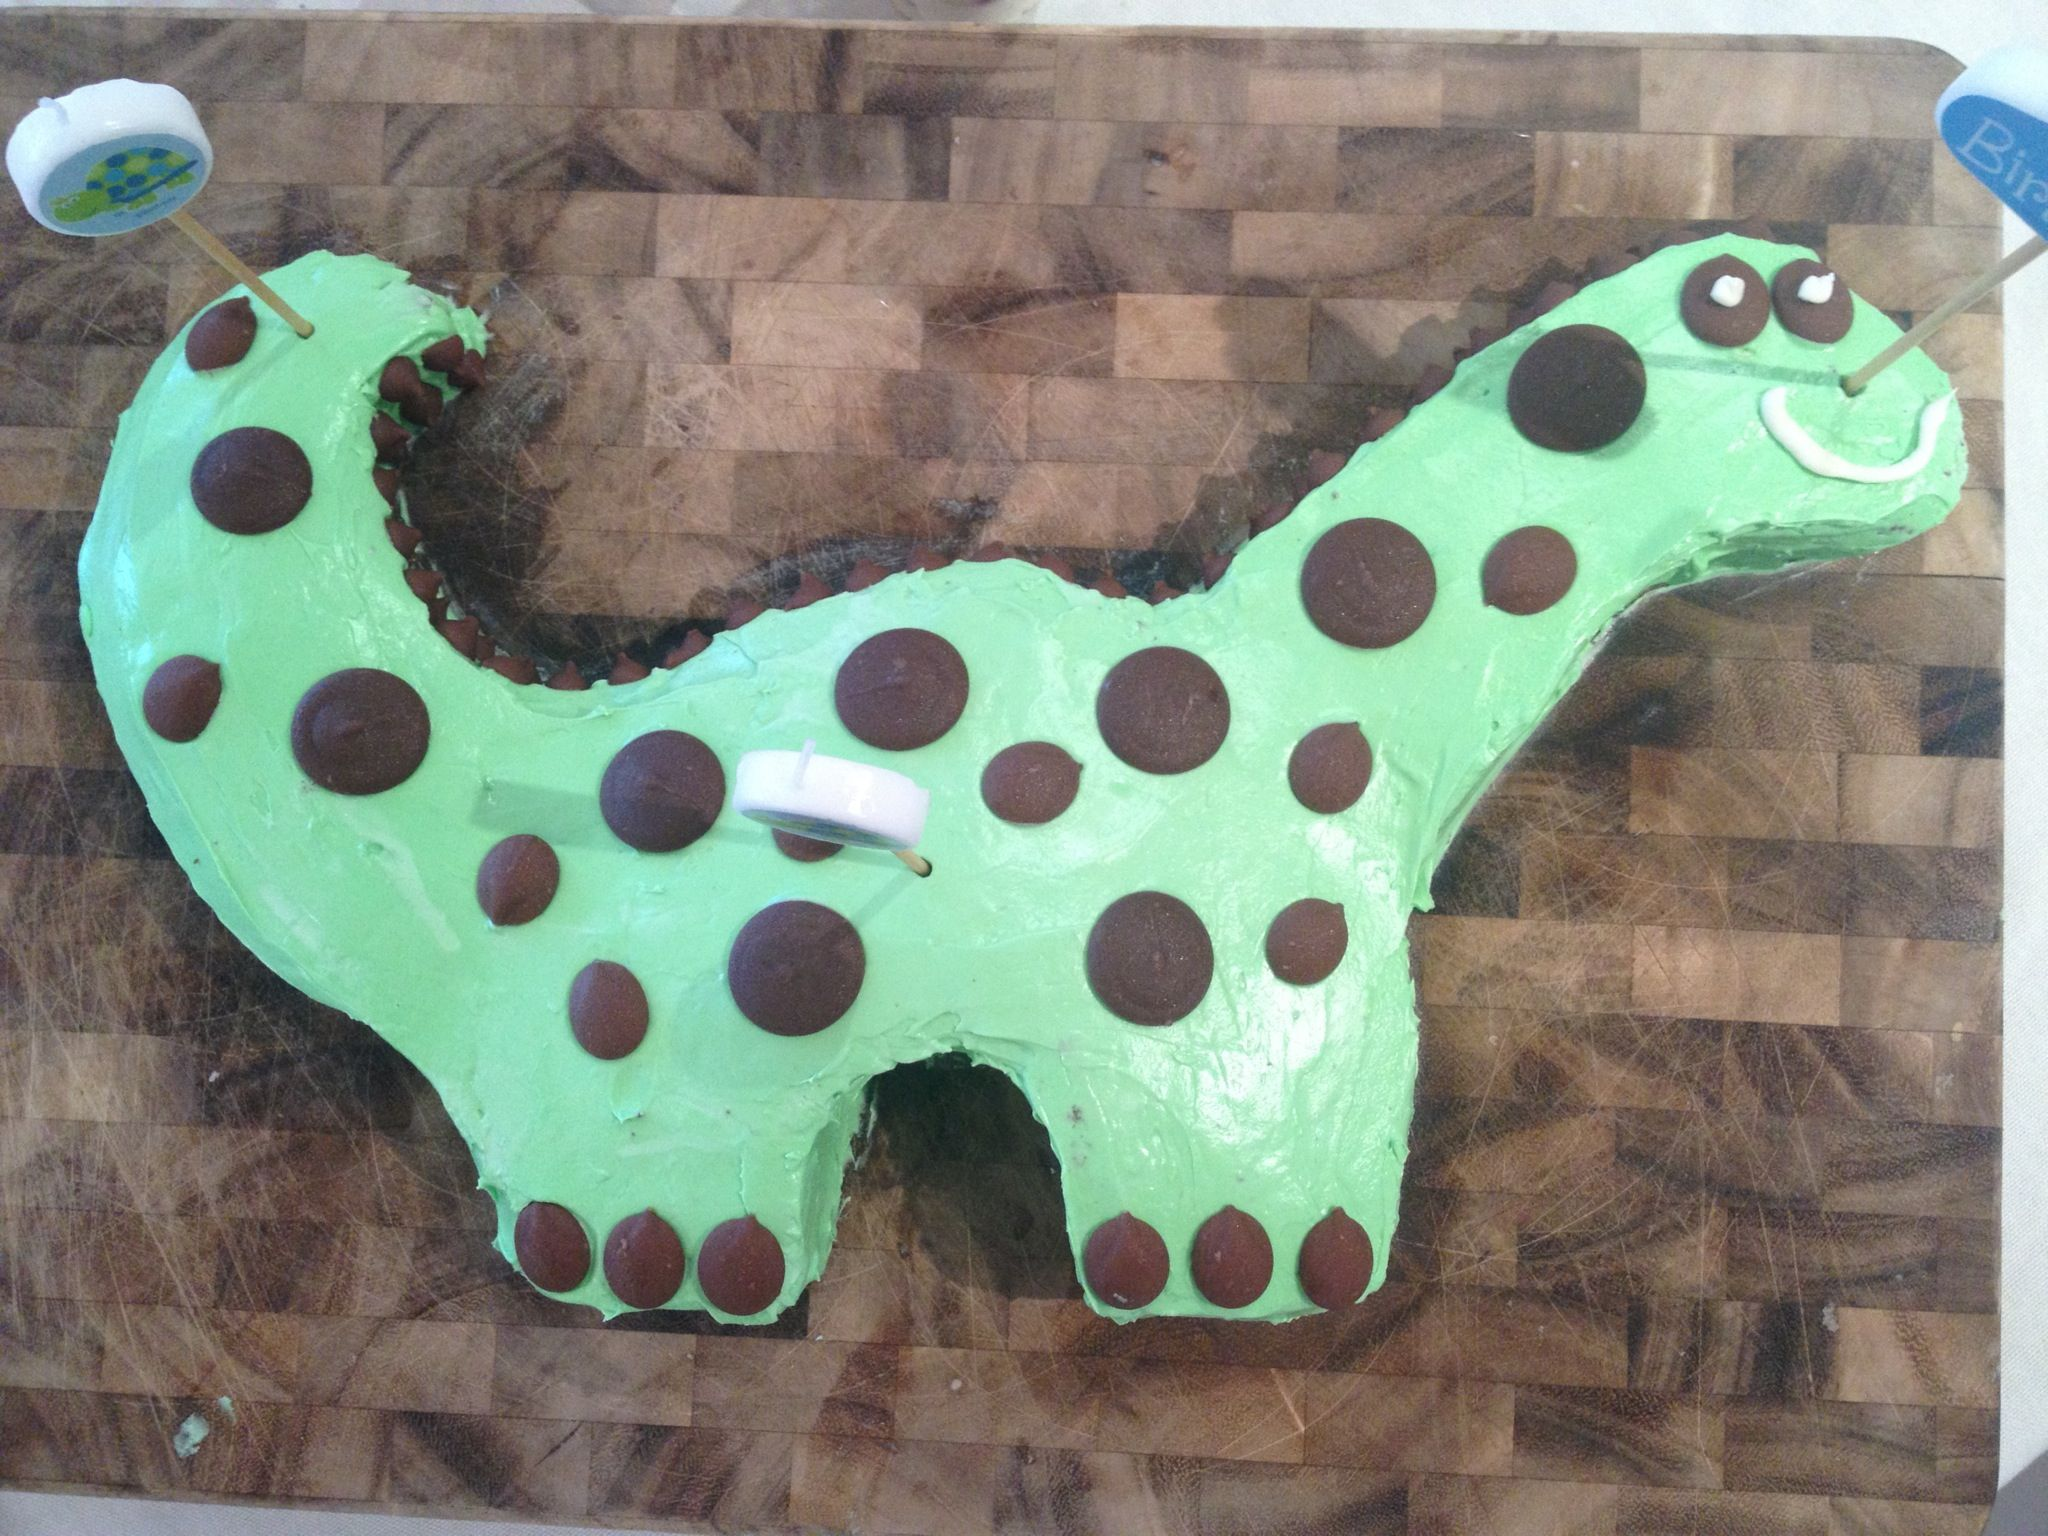 Dinosaur cake for boys bday cake for dj pinterest